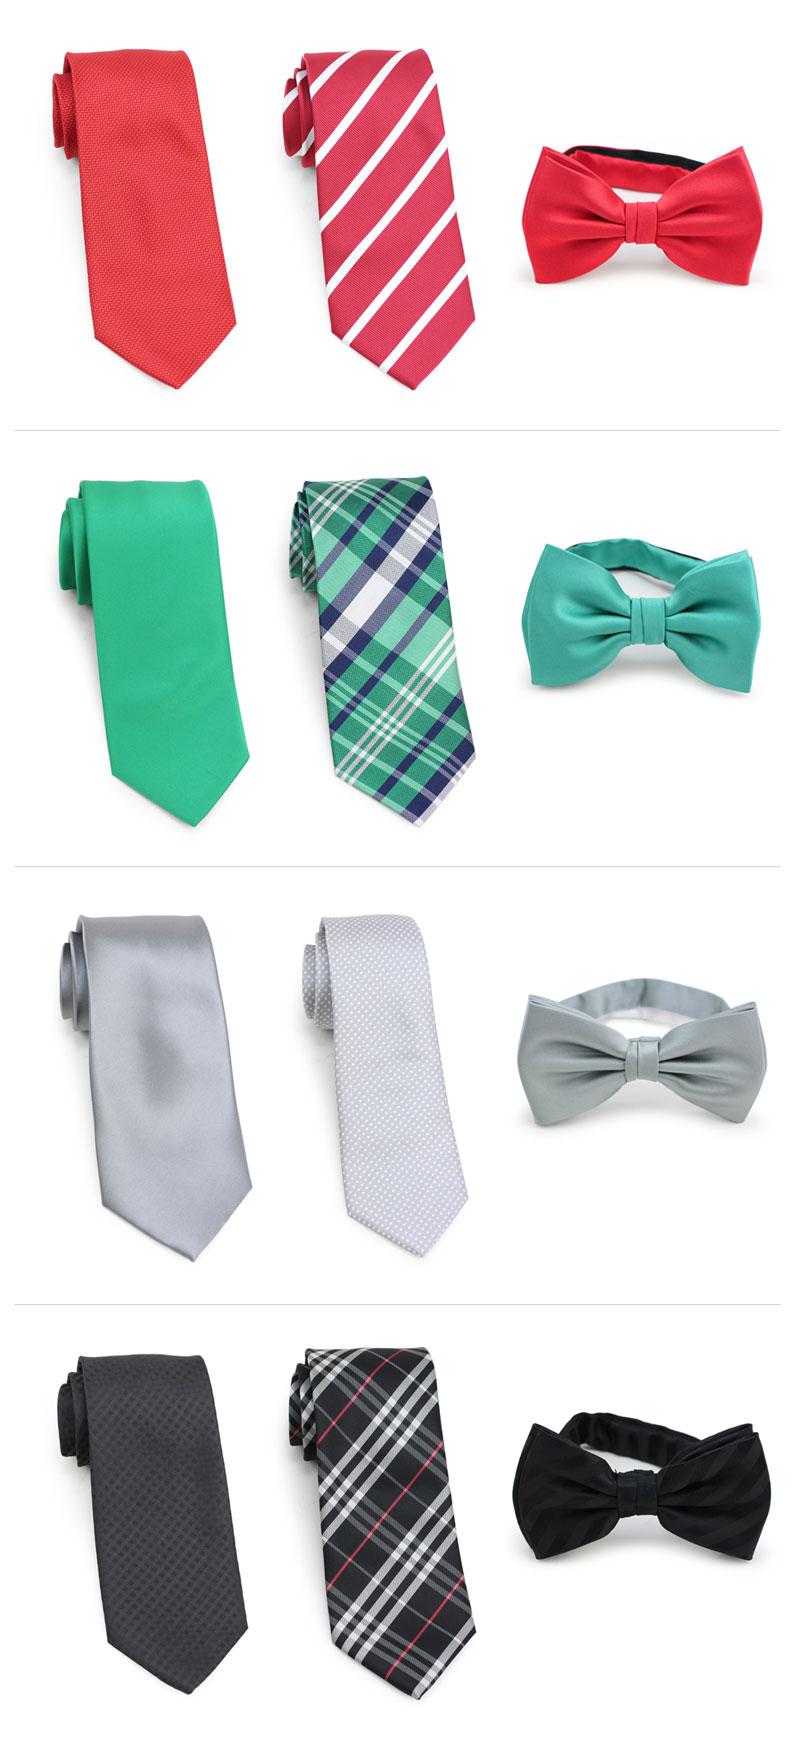 Affordable Neckwear in Bulk: Holiday Menswear